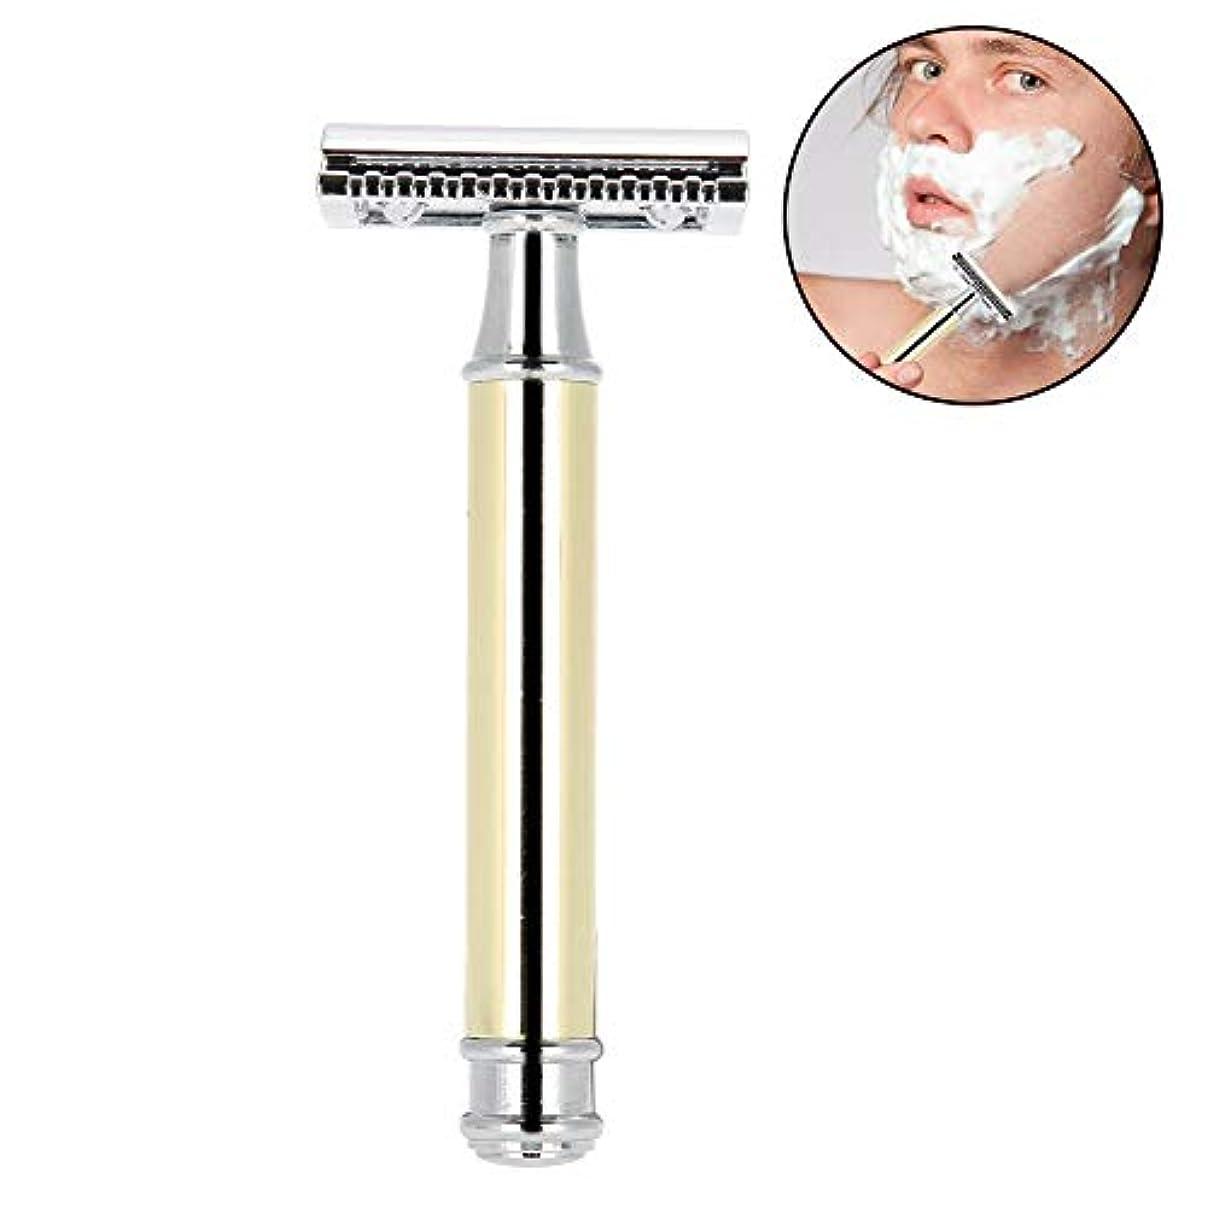 オゾン断片分注する手動メンズシェーバー 金属 クラシックレイザー 両刃カミソリ 安全 防水肌に優しく 使いやすい